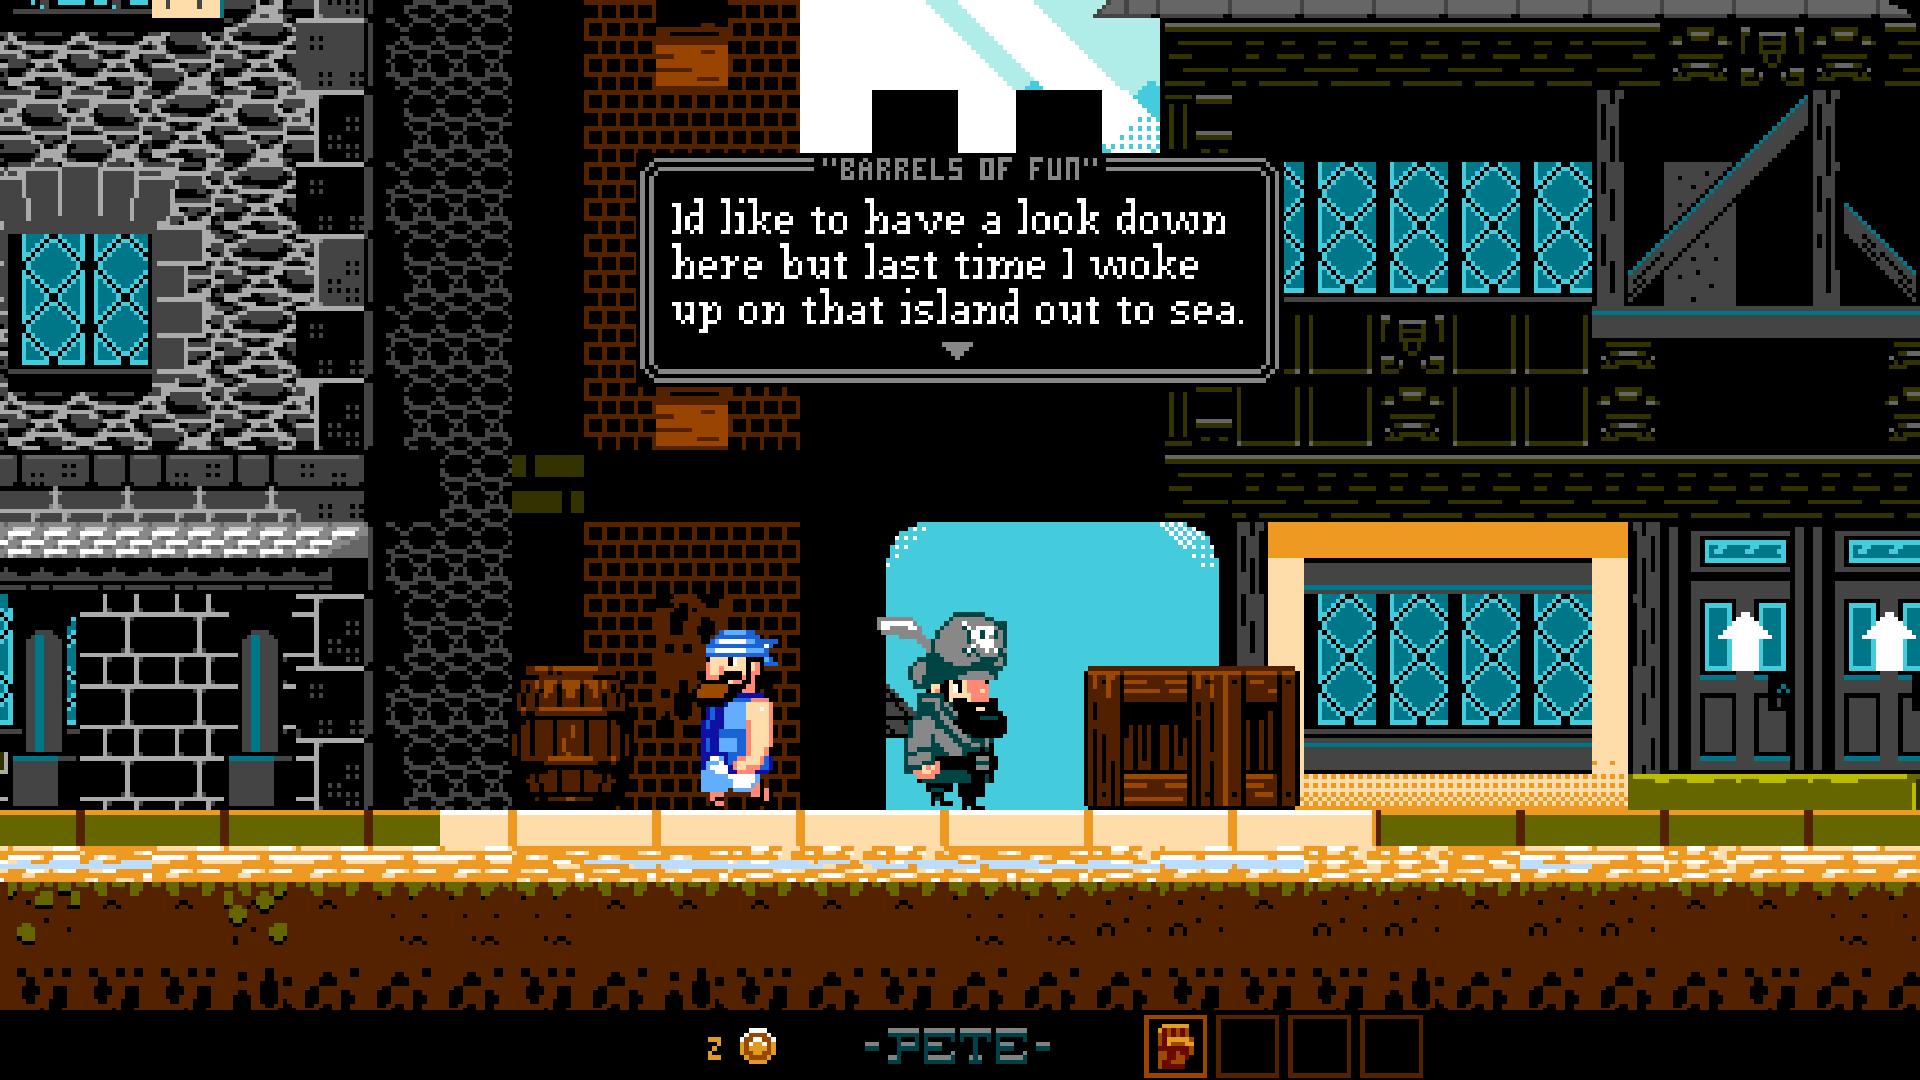 スクリーンショットでは英語だが、BitSummit会場では日本語版もプレイできた。